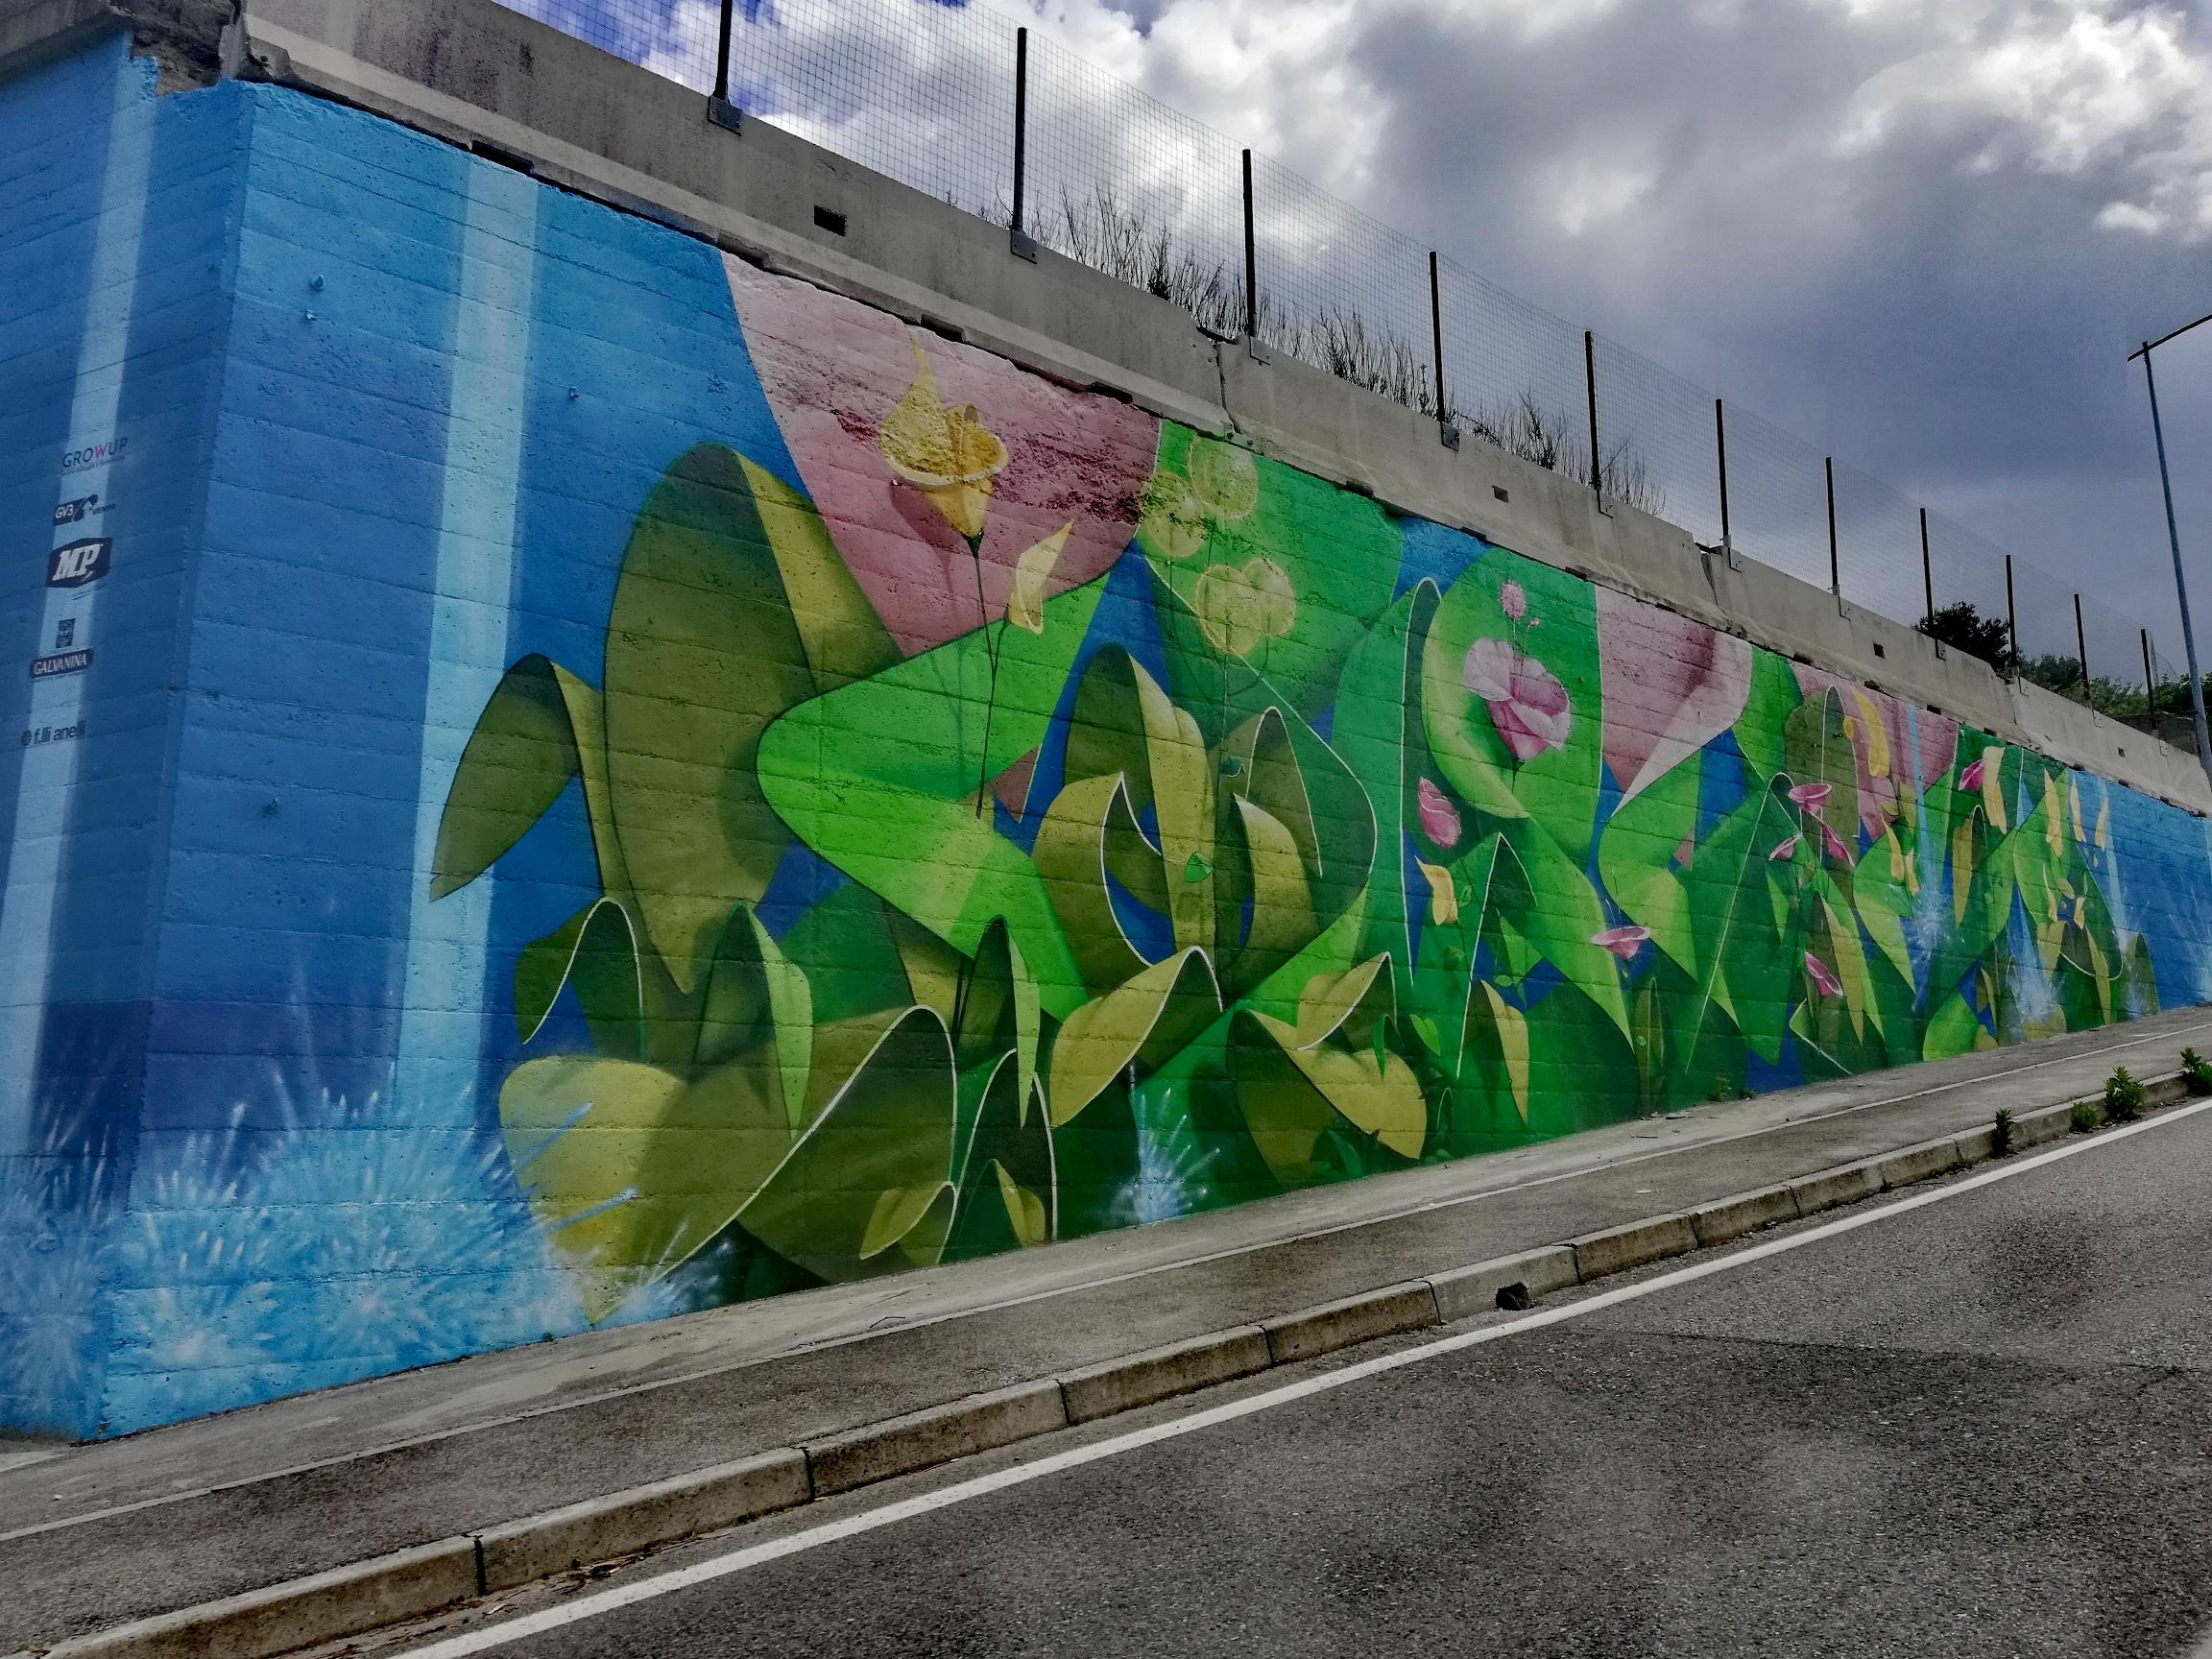 05.2019 #fullcolor - Dado I COVIGNANO – Rimini